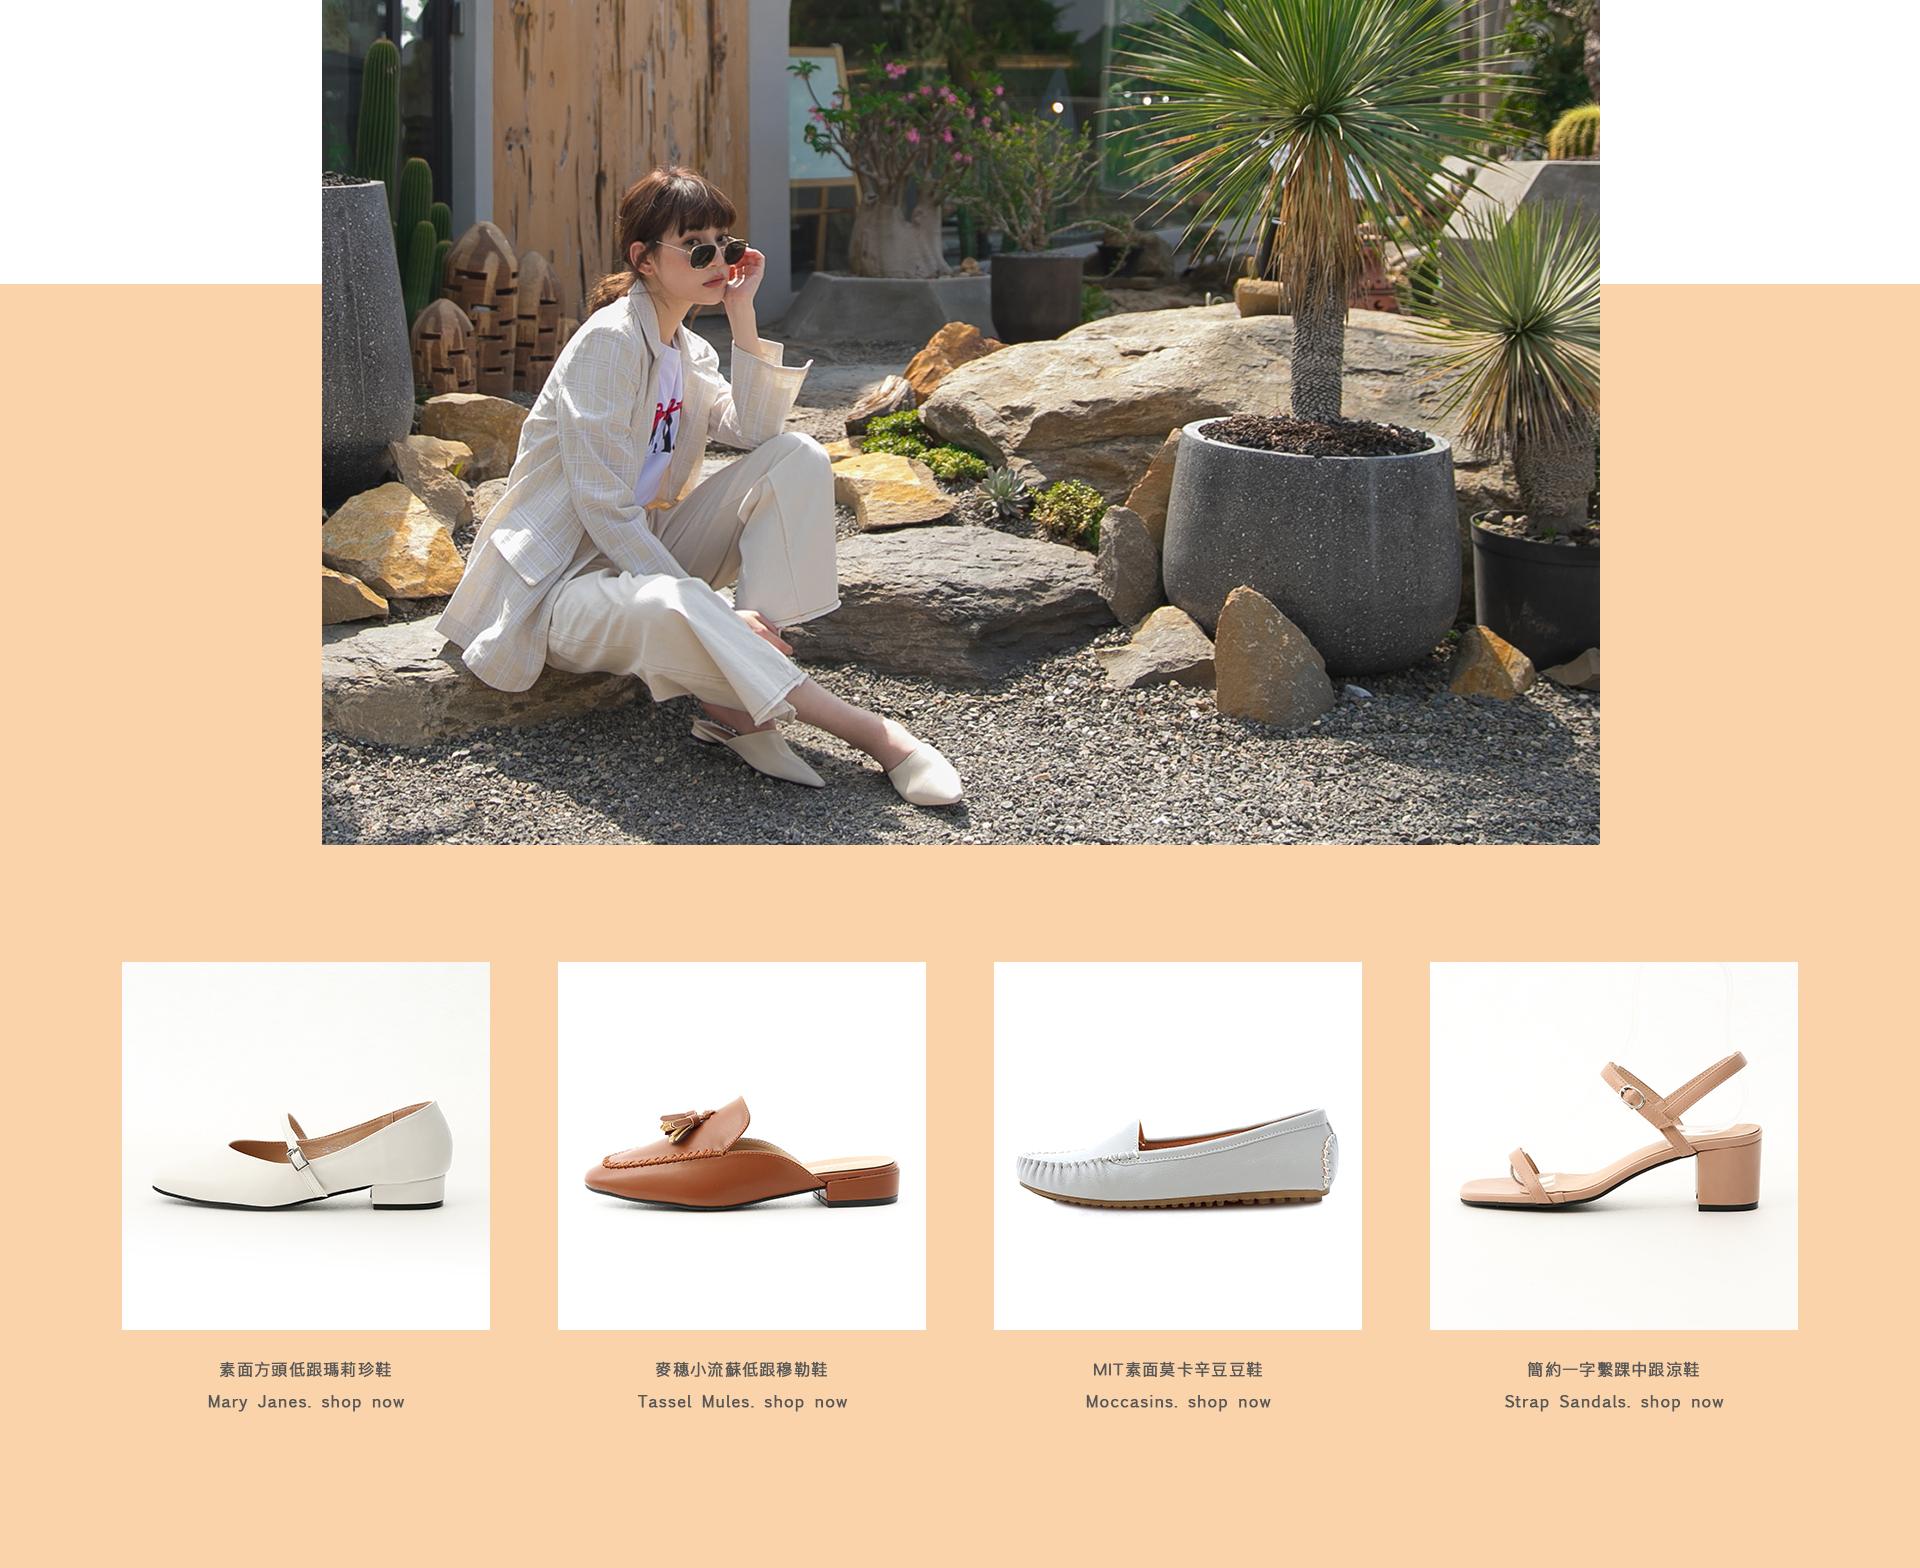 春夏女鞋涼鞋推薦 瑪莉珍 穆勒鞋 豆豆鞋 涼鞋